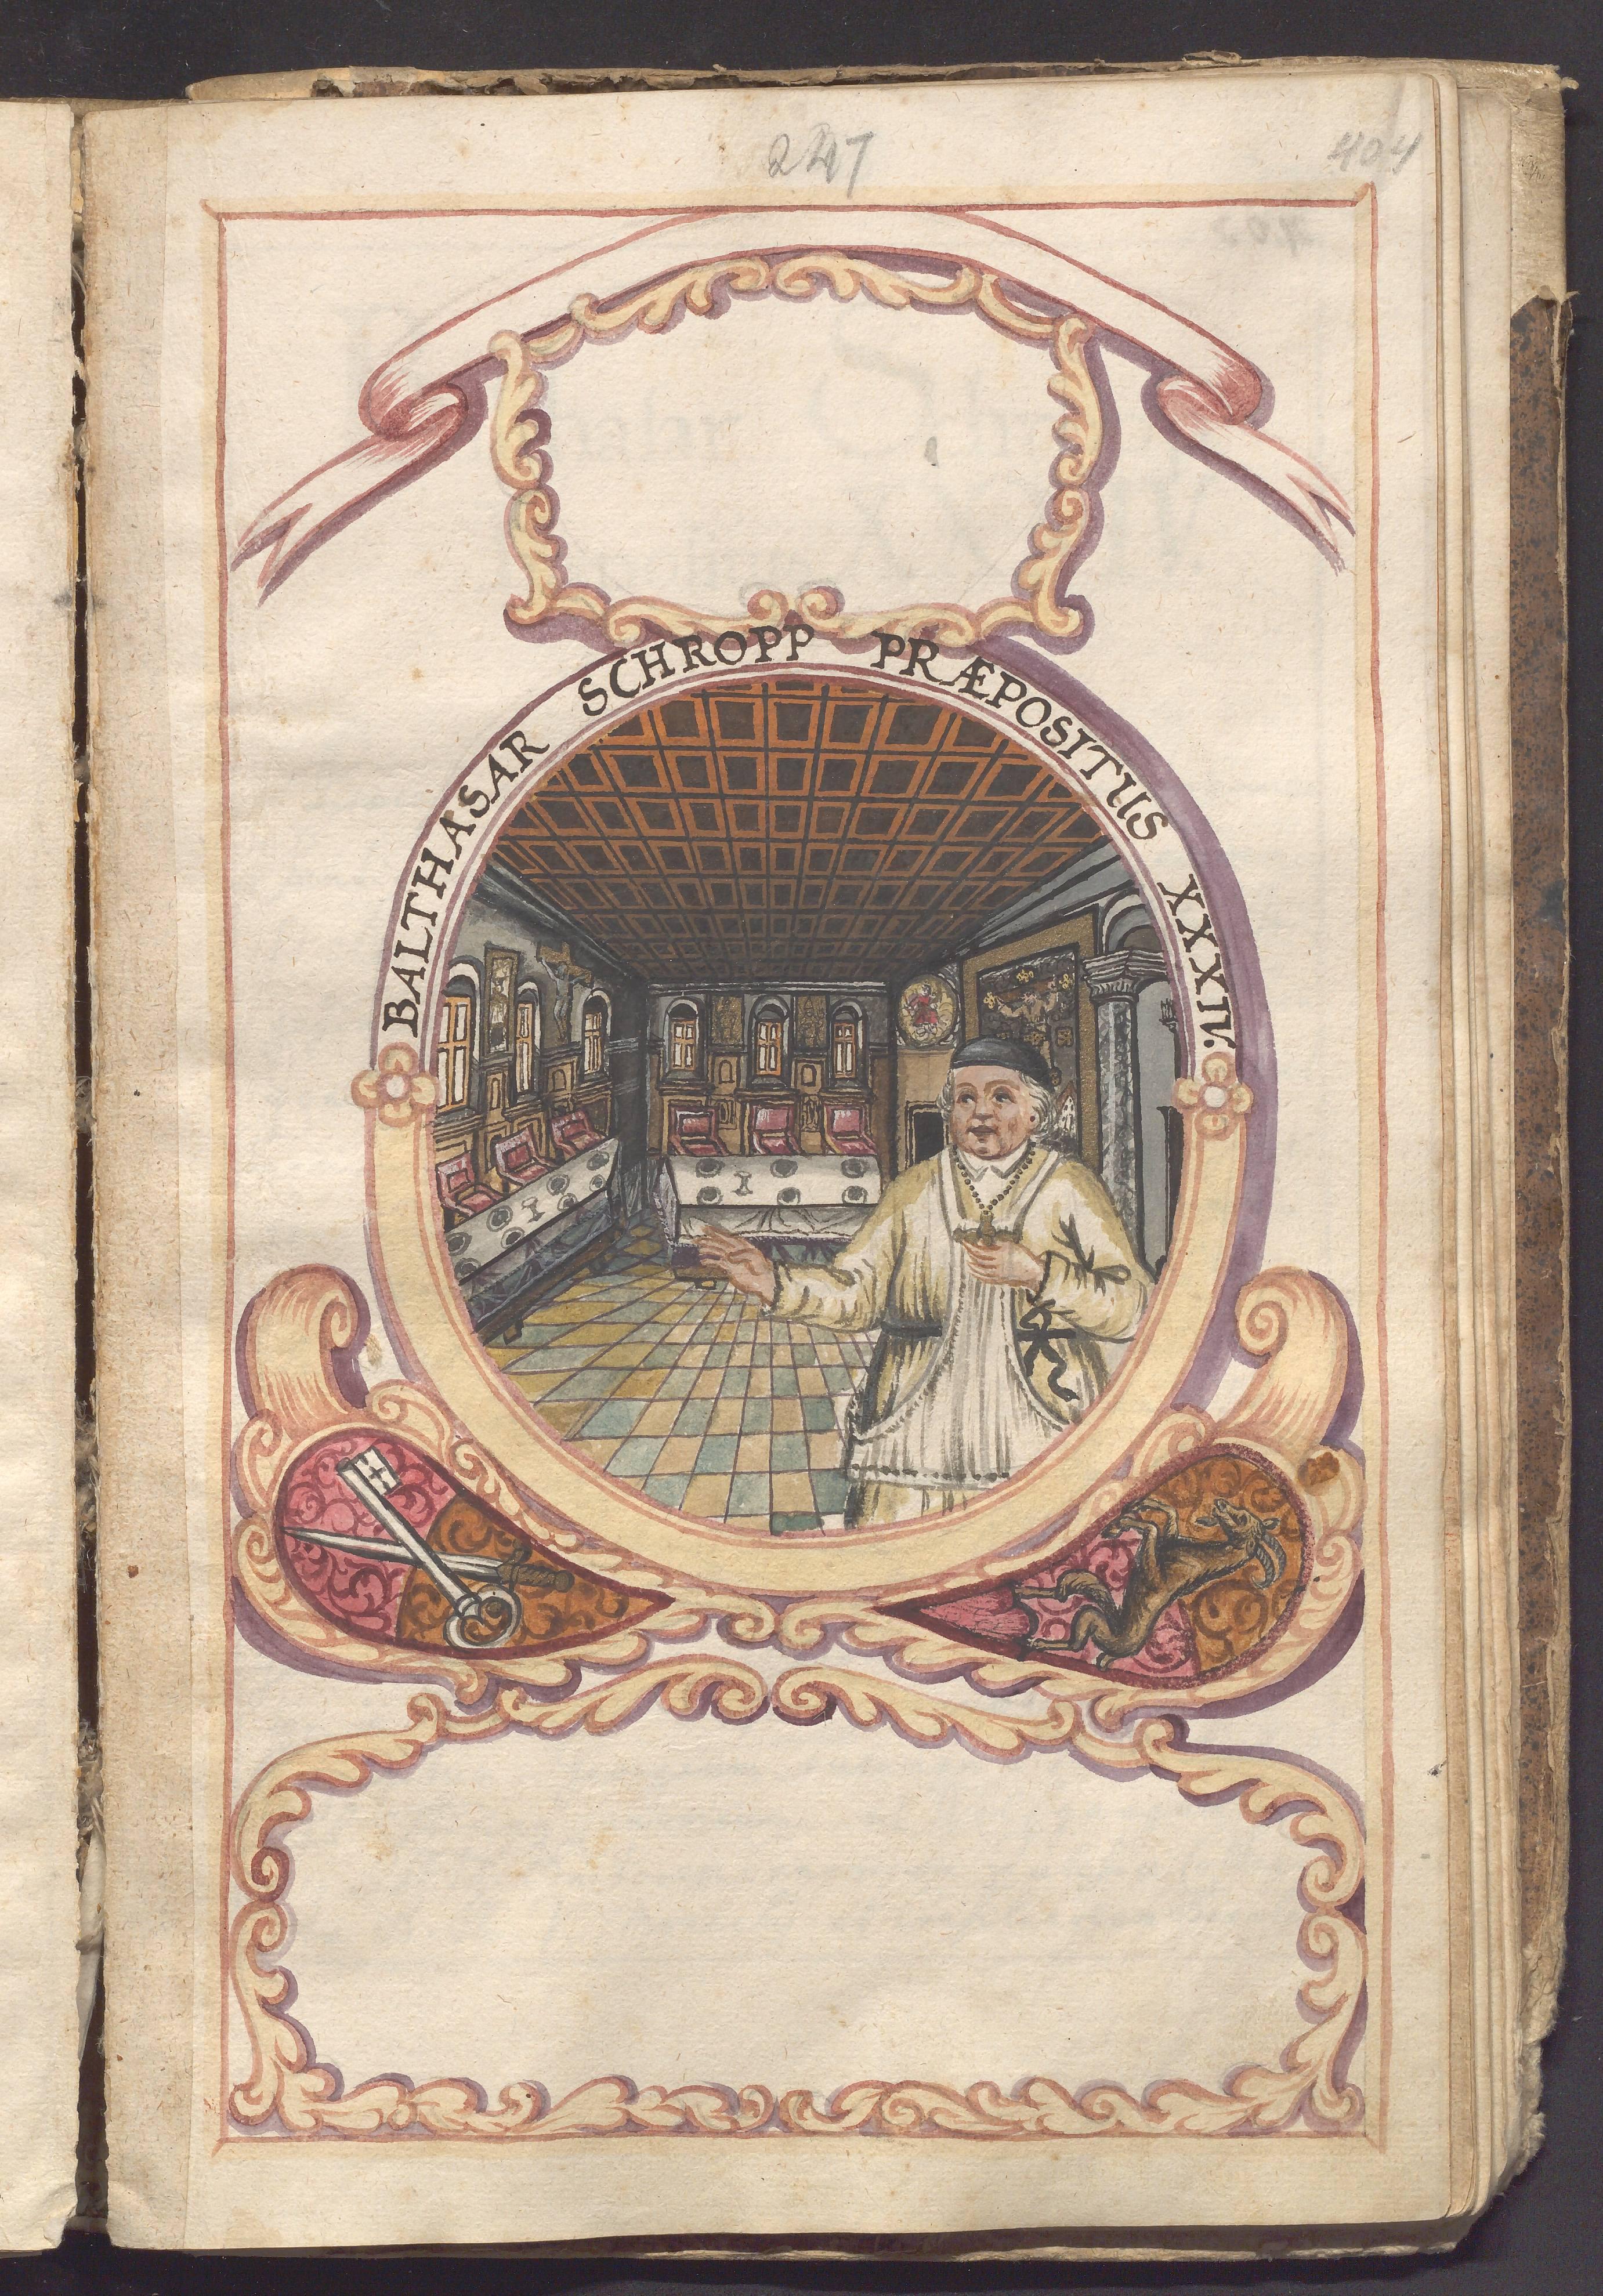 """Bildnis des Propstes Balthasar Schropp (1615-1619) mit Blick ins Refektorium des Klosters; Illustration aus der """"Historia Canoniae Beyrbergensis"""" von 1770"""